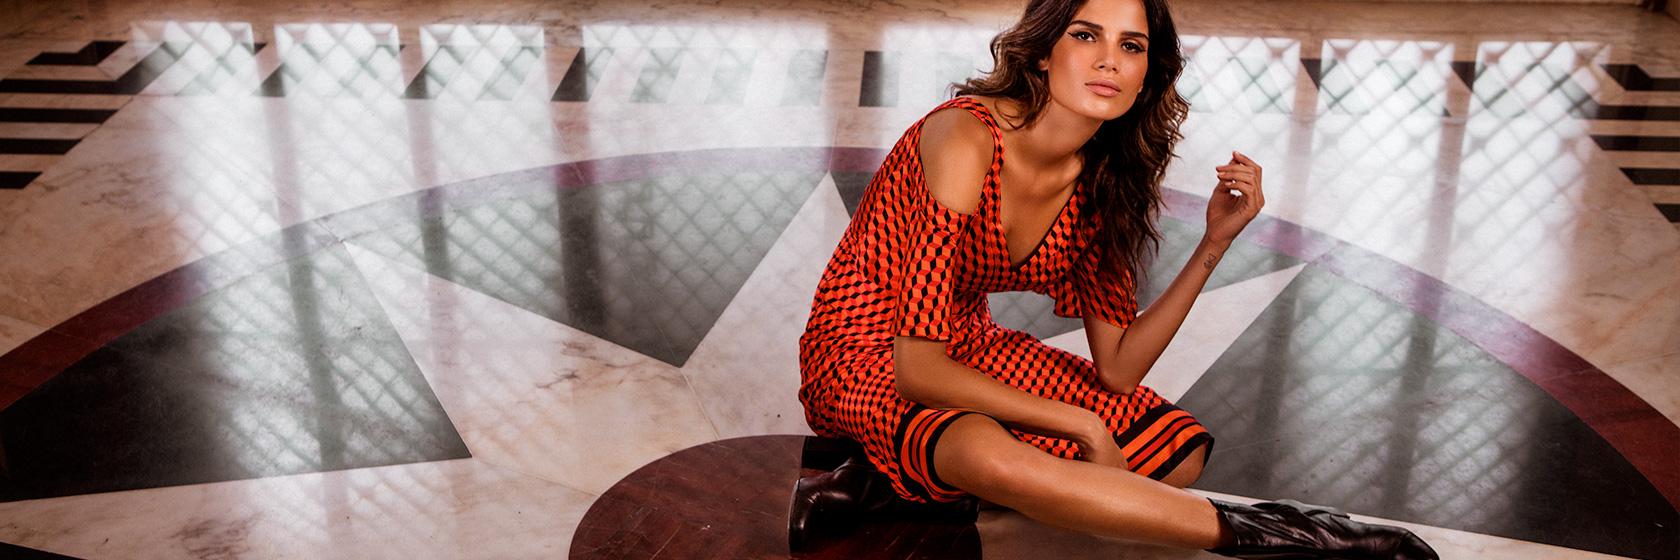 Fall Winter 16 - Campanha com Raica Oliveira